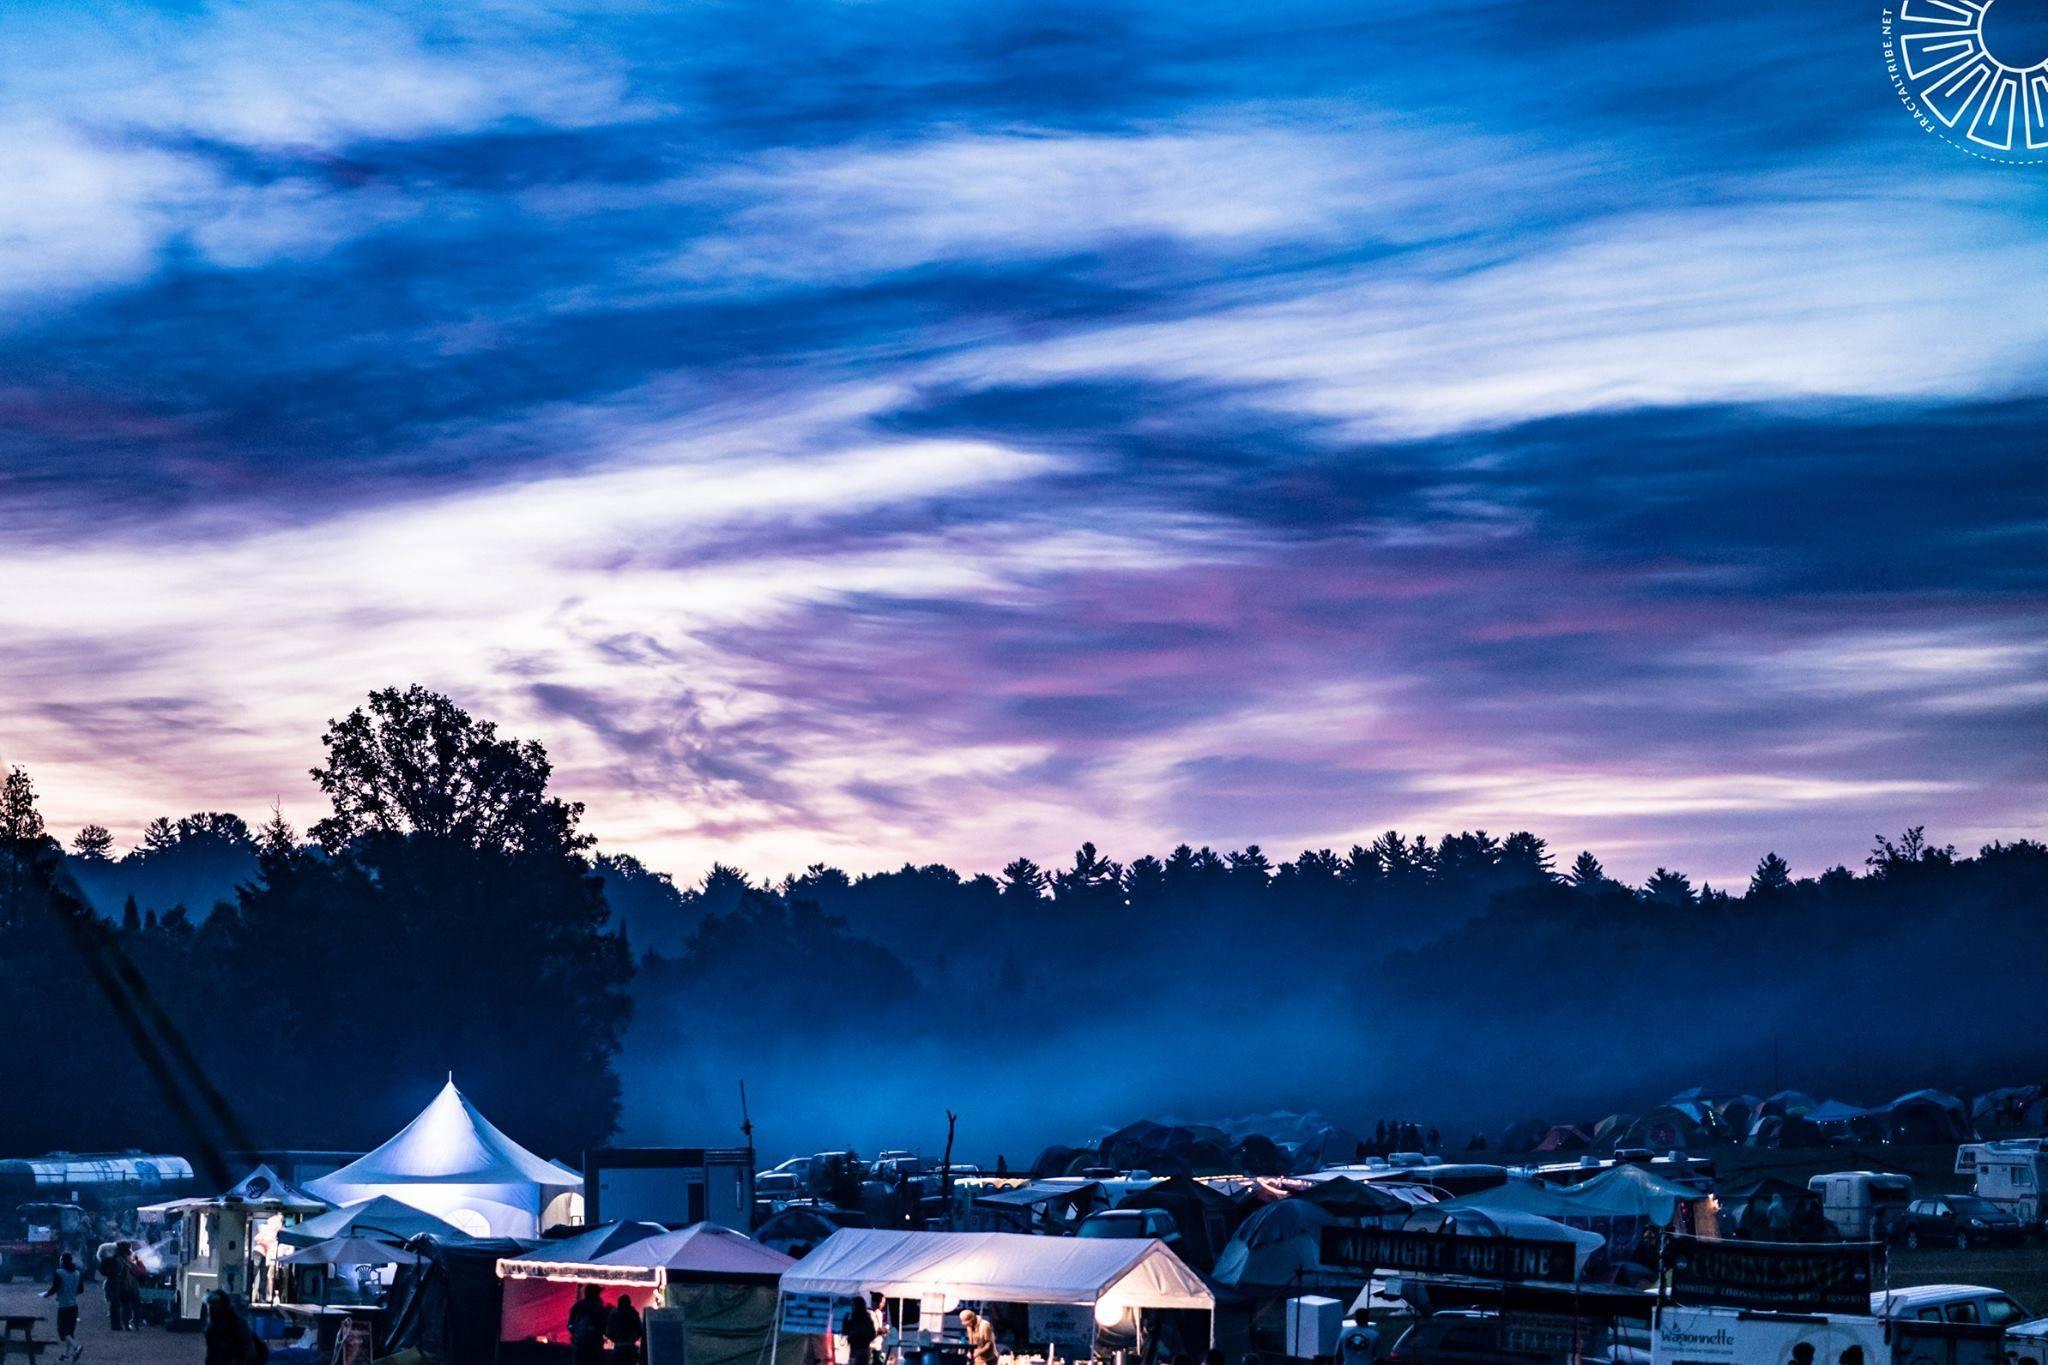 Eclipse festival 2016 moonlight